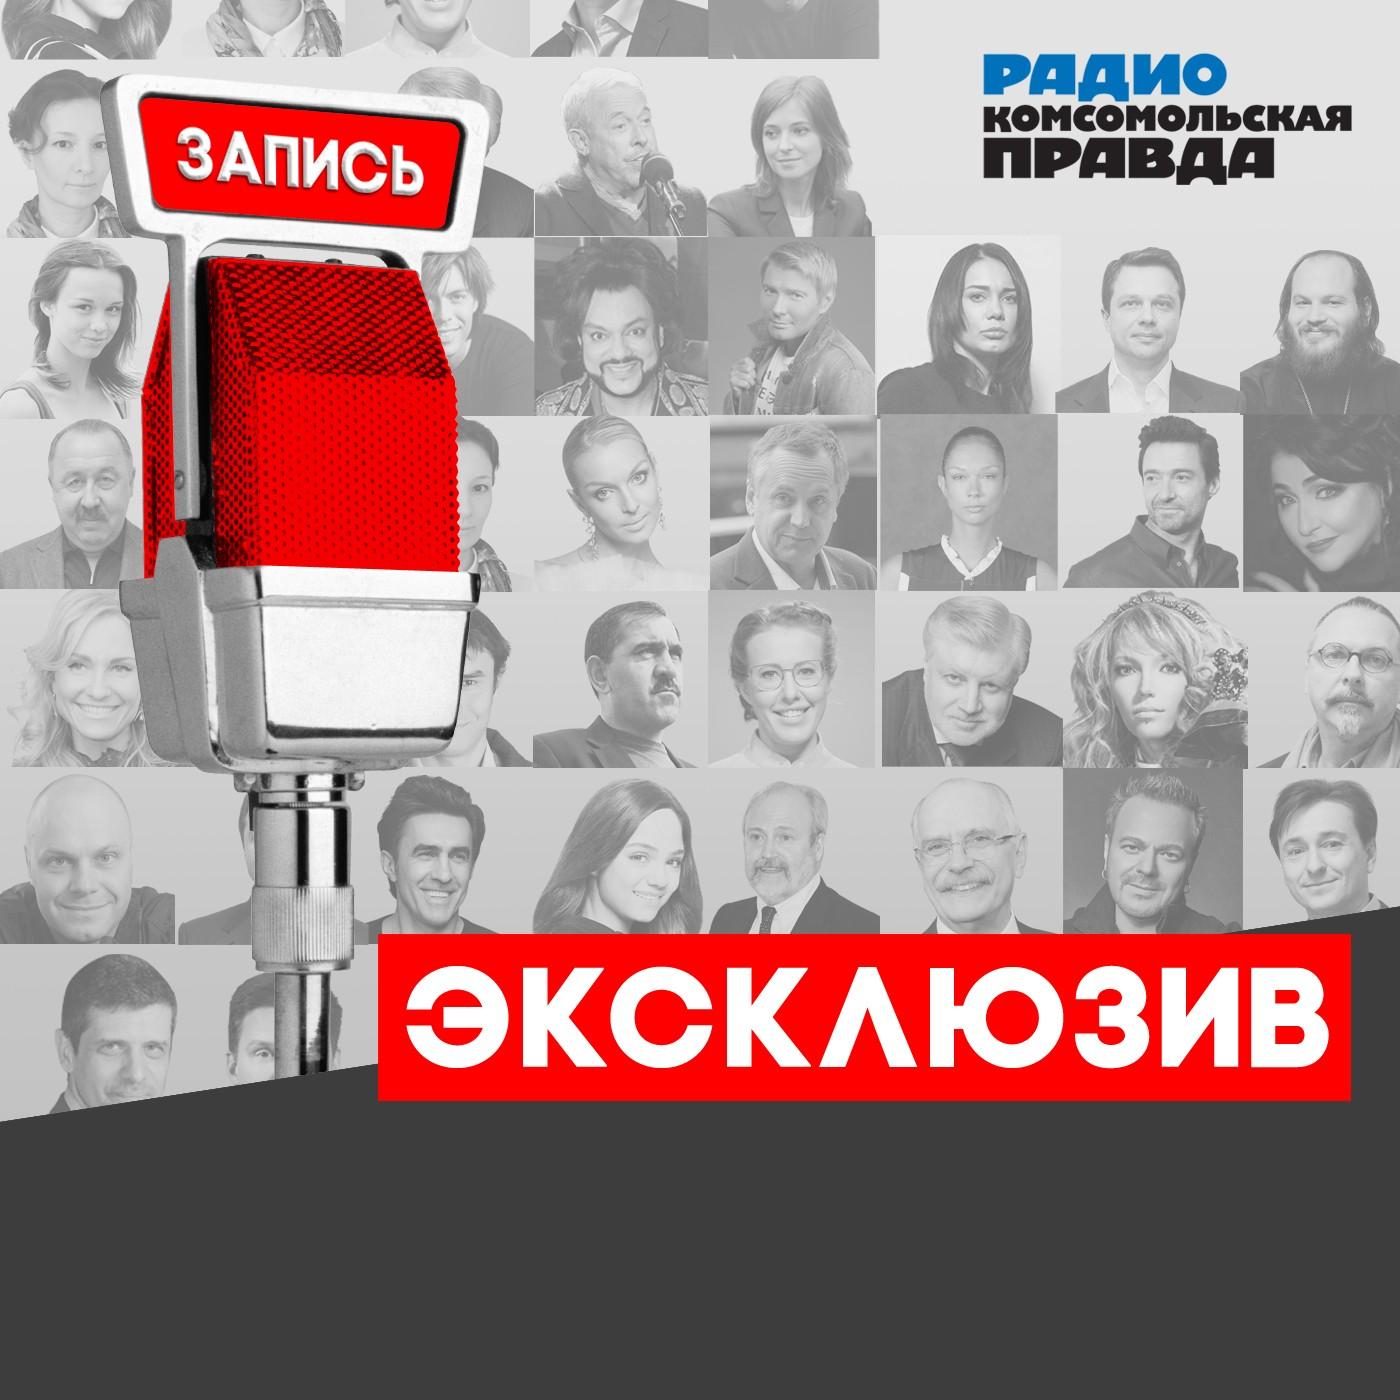 Радио «Комсомольская правда» Анна Кузнецова: Закон всегда на стороне ребенка, на стороне семьи радио комсомольская правда в какую секцию отдать ребенка